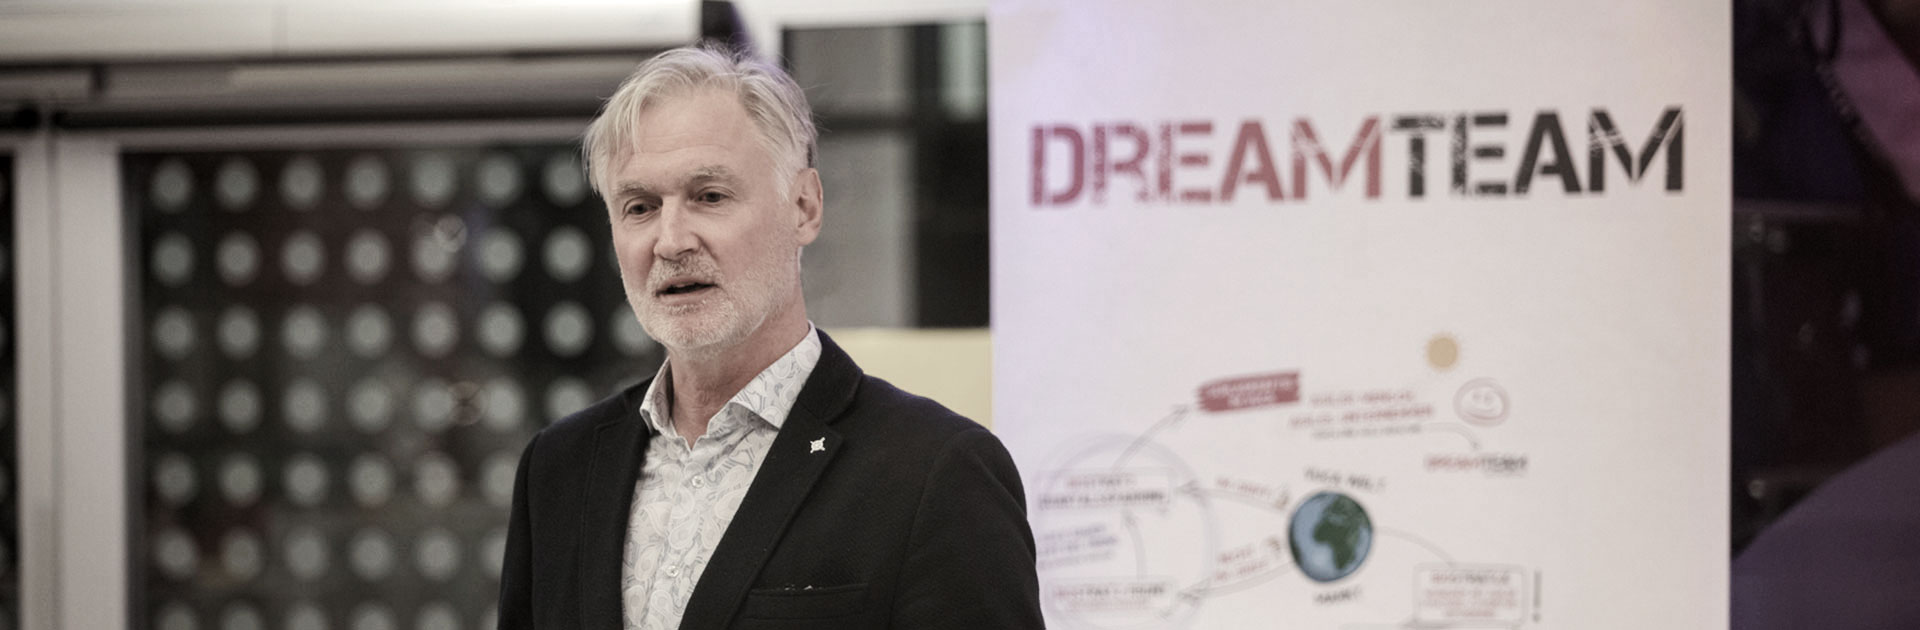 dreamteam - Bioenergetik für Manager